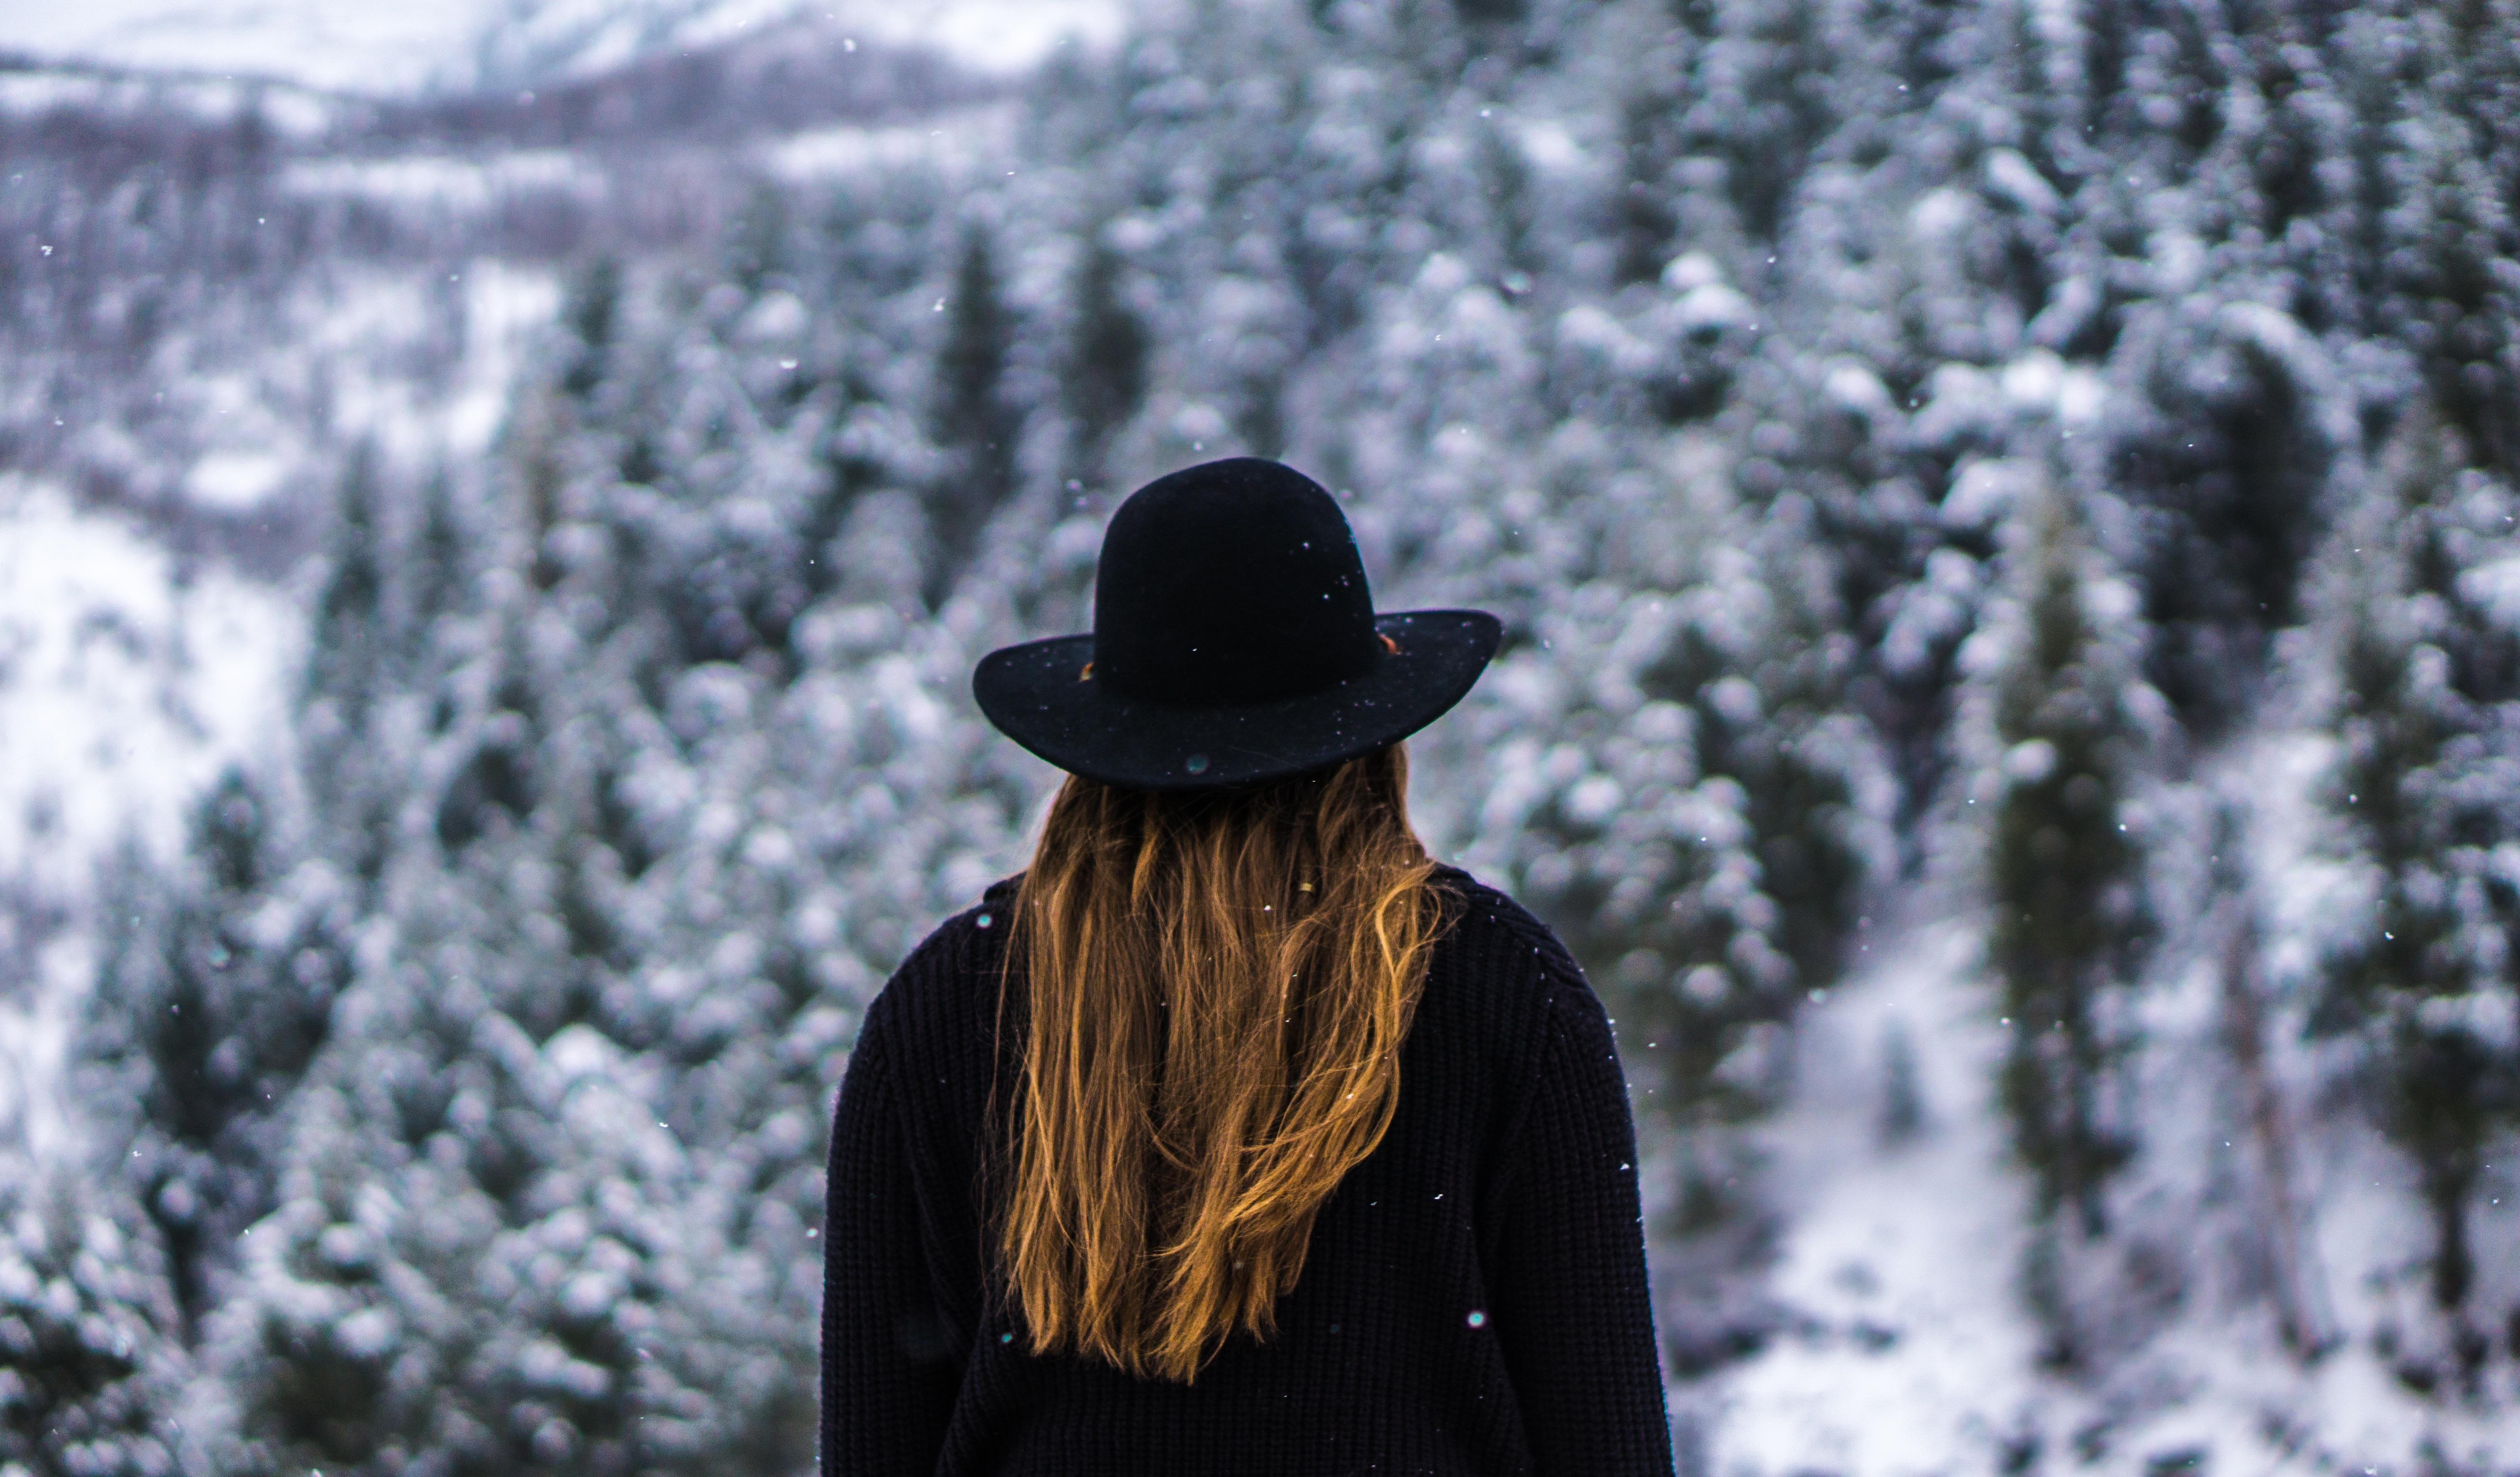 лагере, картинка зима снег человек нашей группе